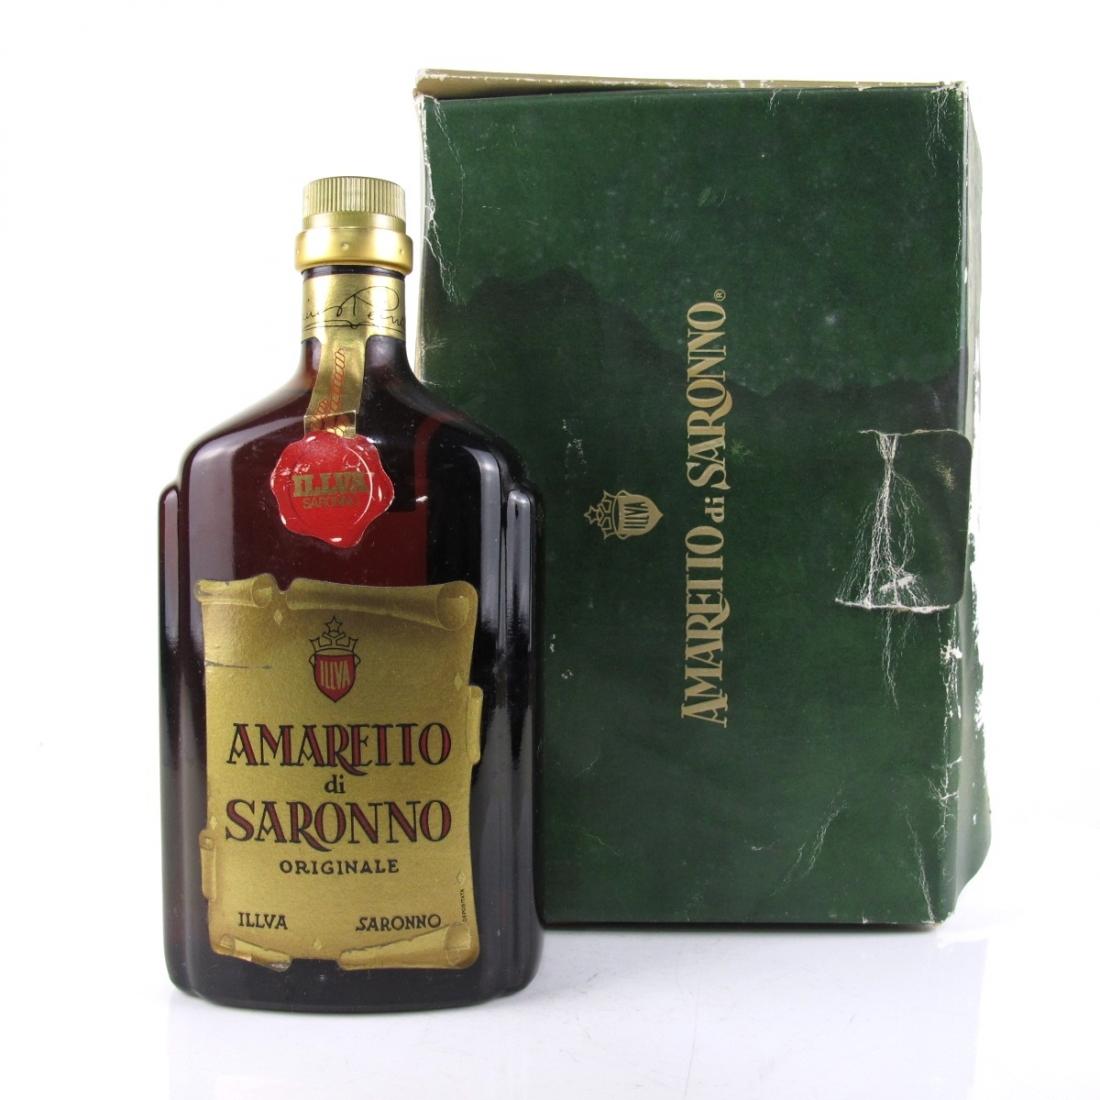 Amaretto di Saronno Originale 1980s